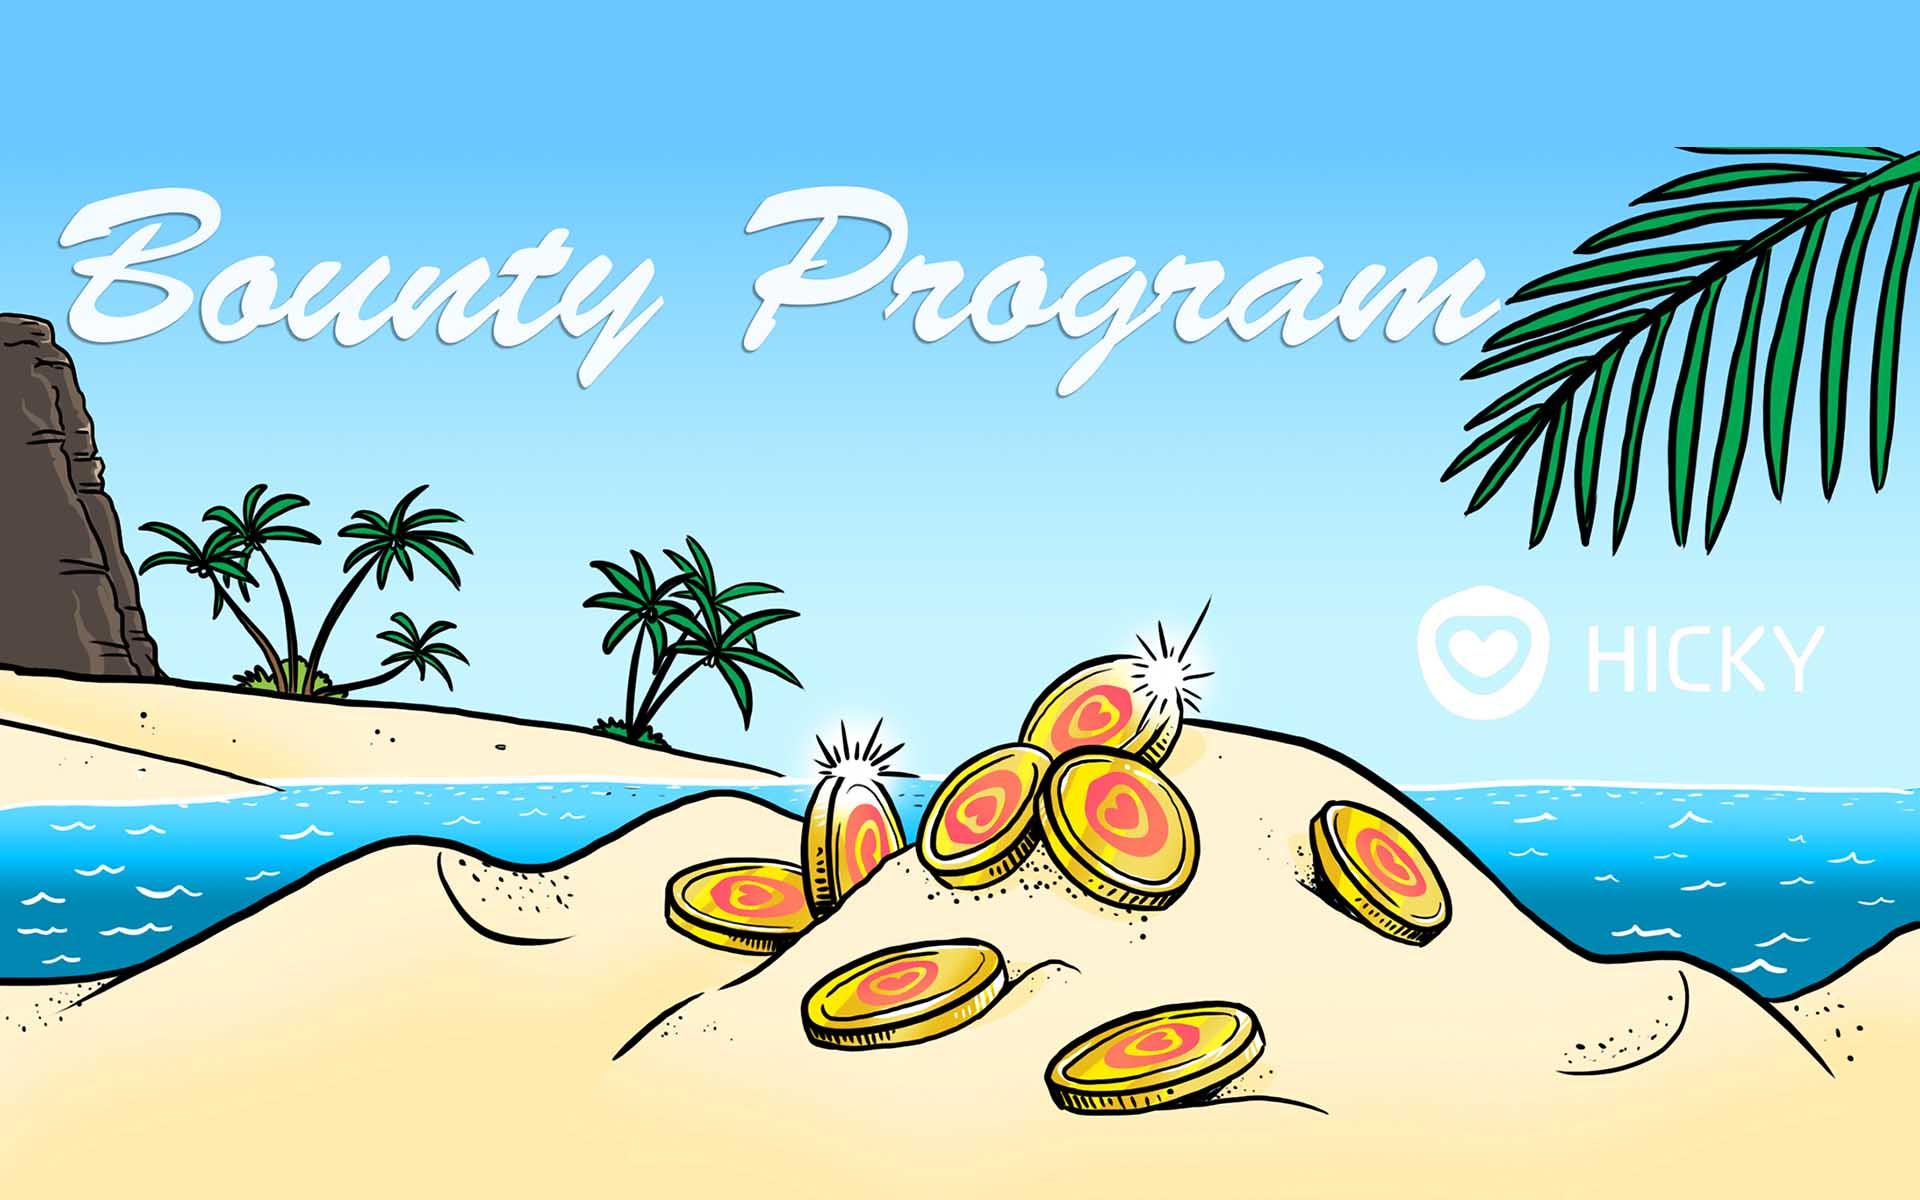 Hicky Team Announce Their Bounty Program